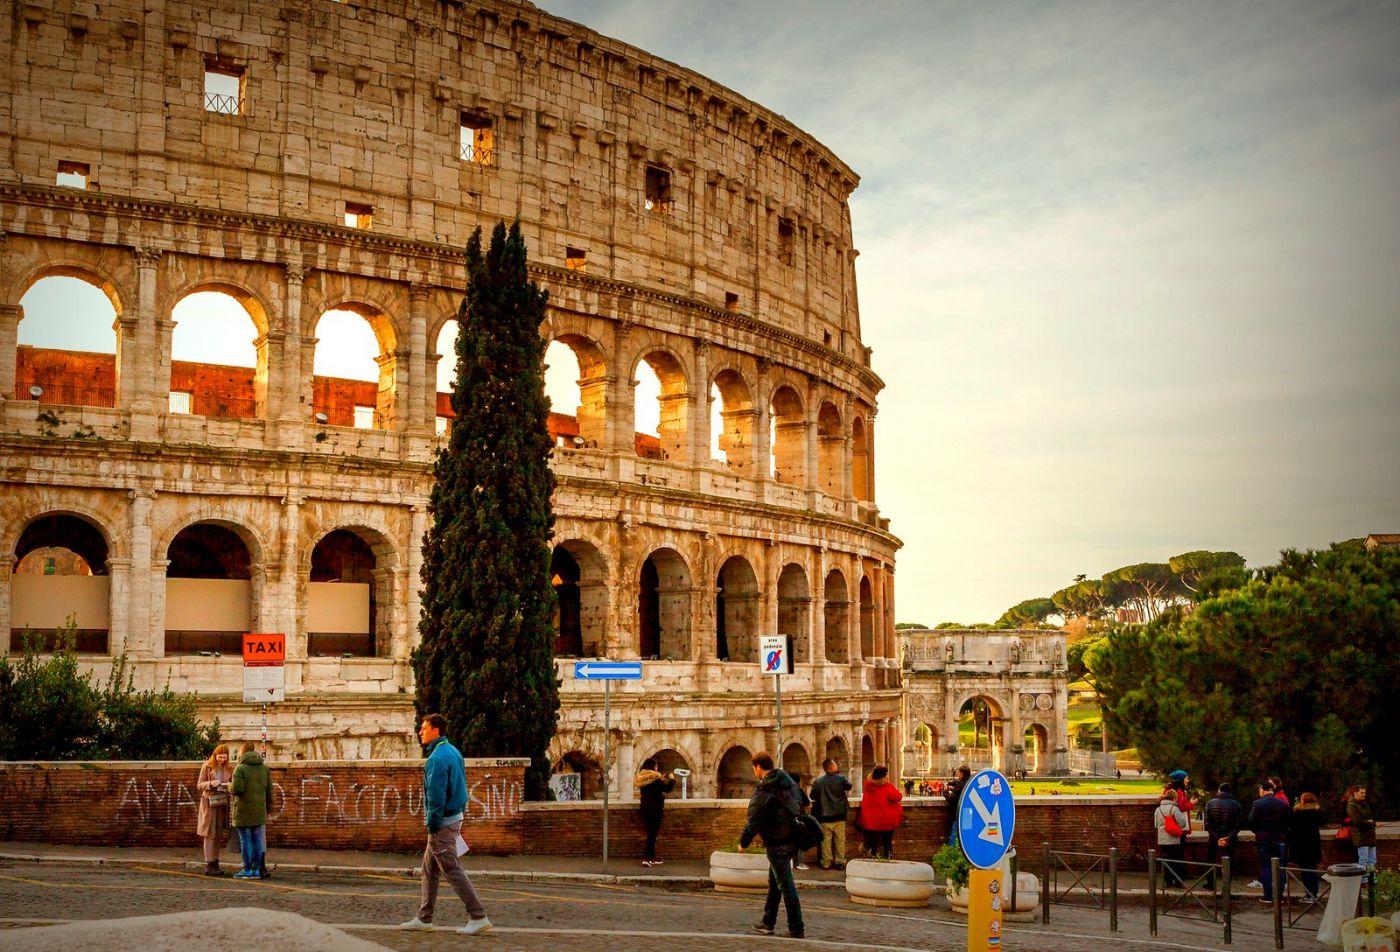 罗马斗兽场(Colosseum), 两千年的宏大建筑古迹_图1-30